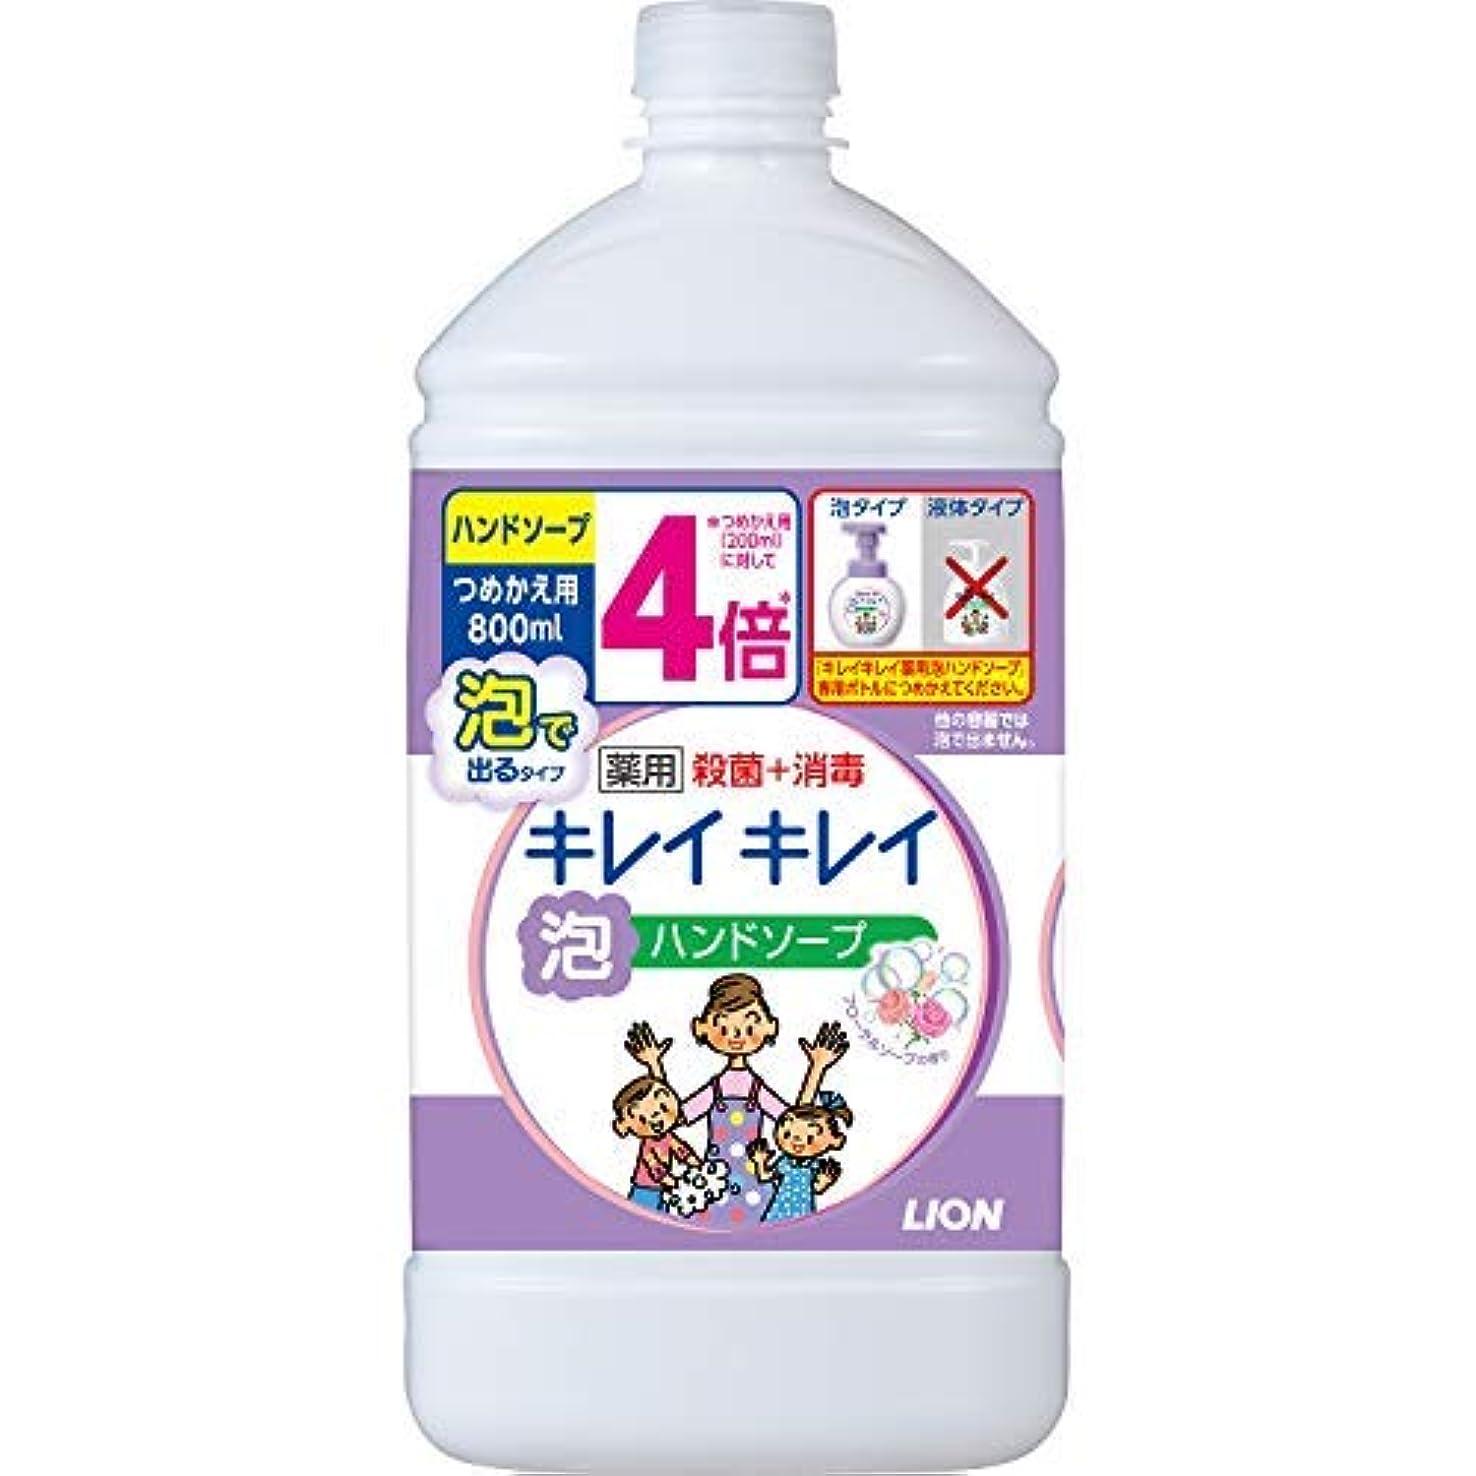 主流酔った乳白色キレイキレイ 薬用泡ハンドソープ つめかえ用特大サイズ フローラルソープ × 10個セット